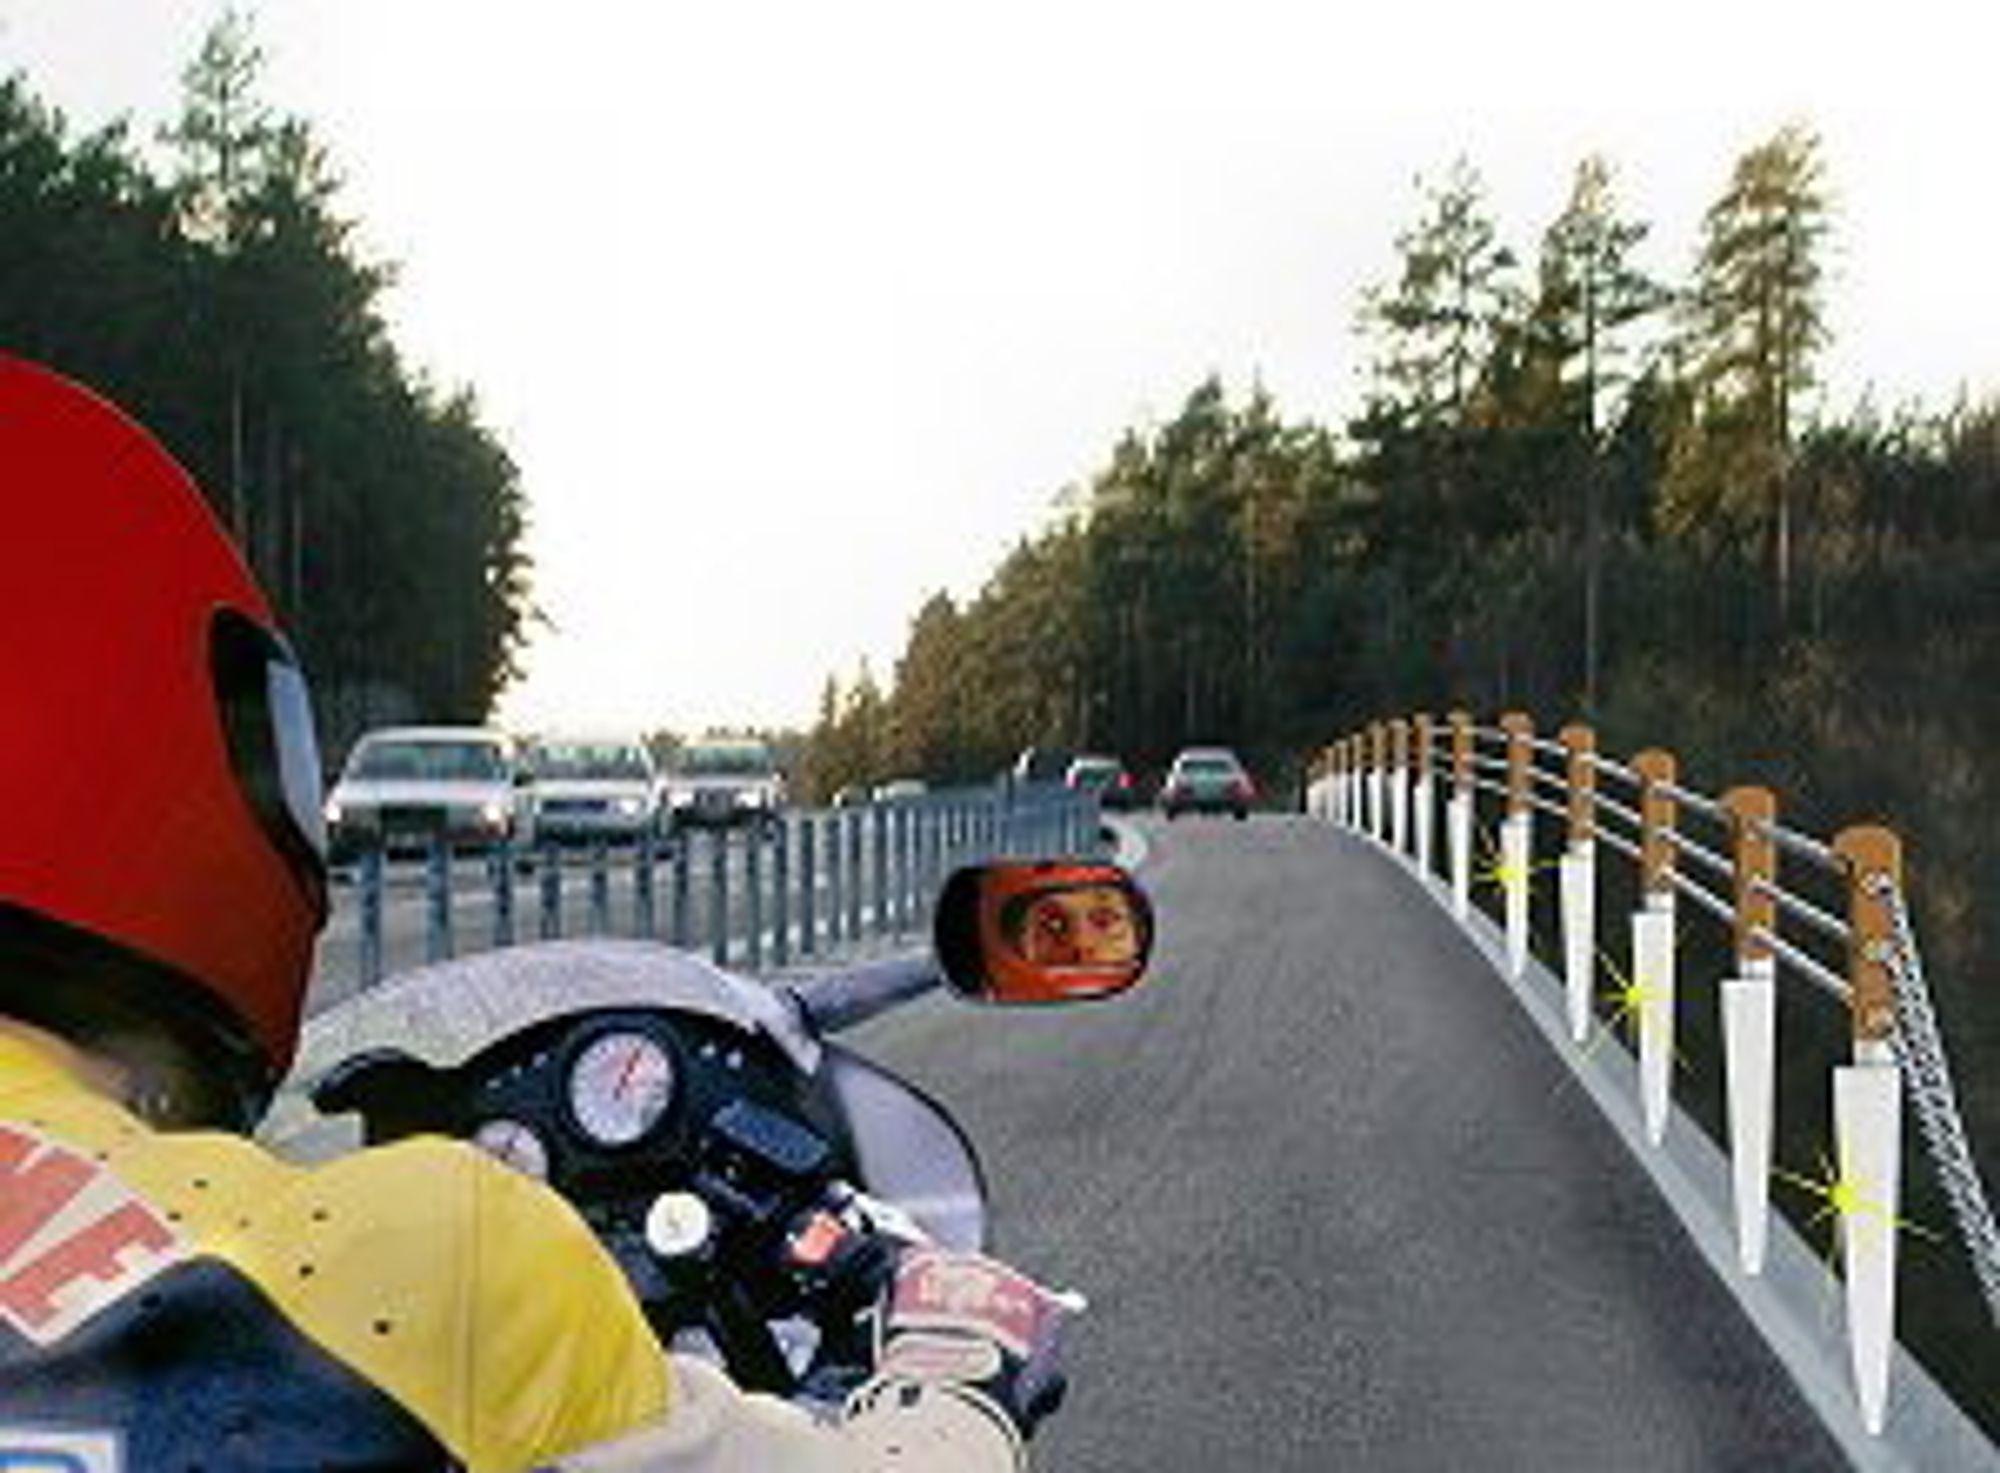 WIRE TIL BESVÆR: Samferdselsminister Mangnhild Meltveit Kleppa vil har wirerekkeverk. Interesseorganisasjonen for norske motorsyklister, NMCU, vil ikke ha wirerekkverk.